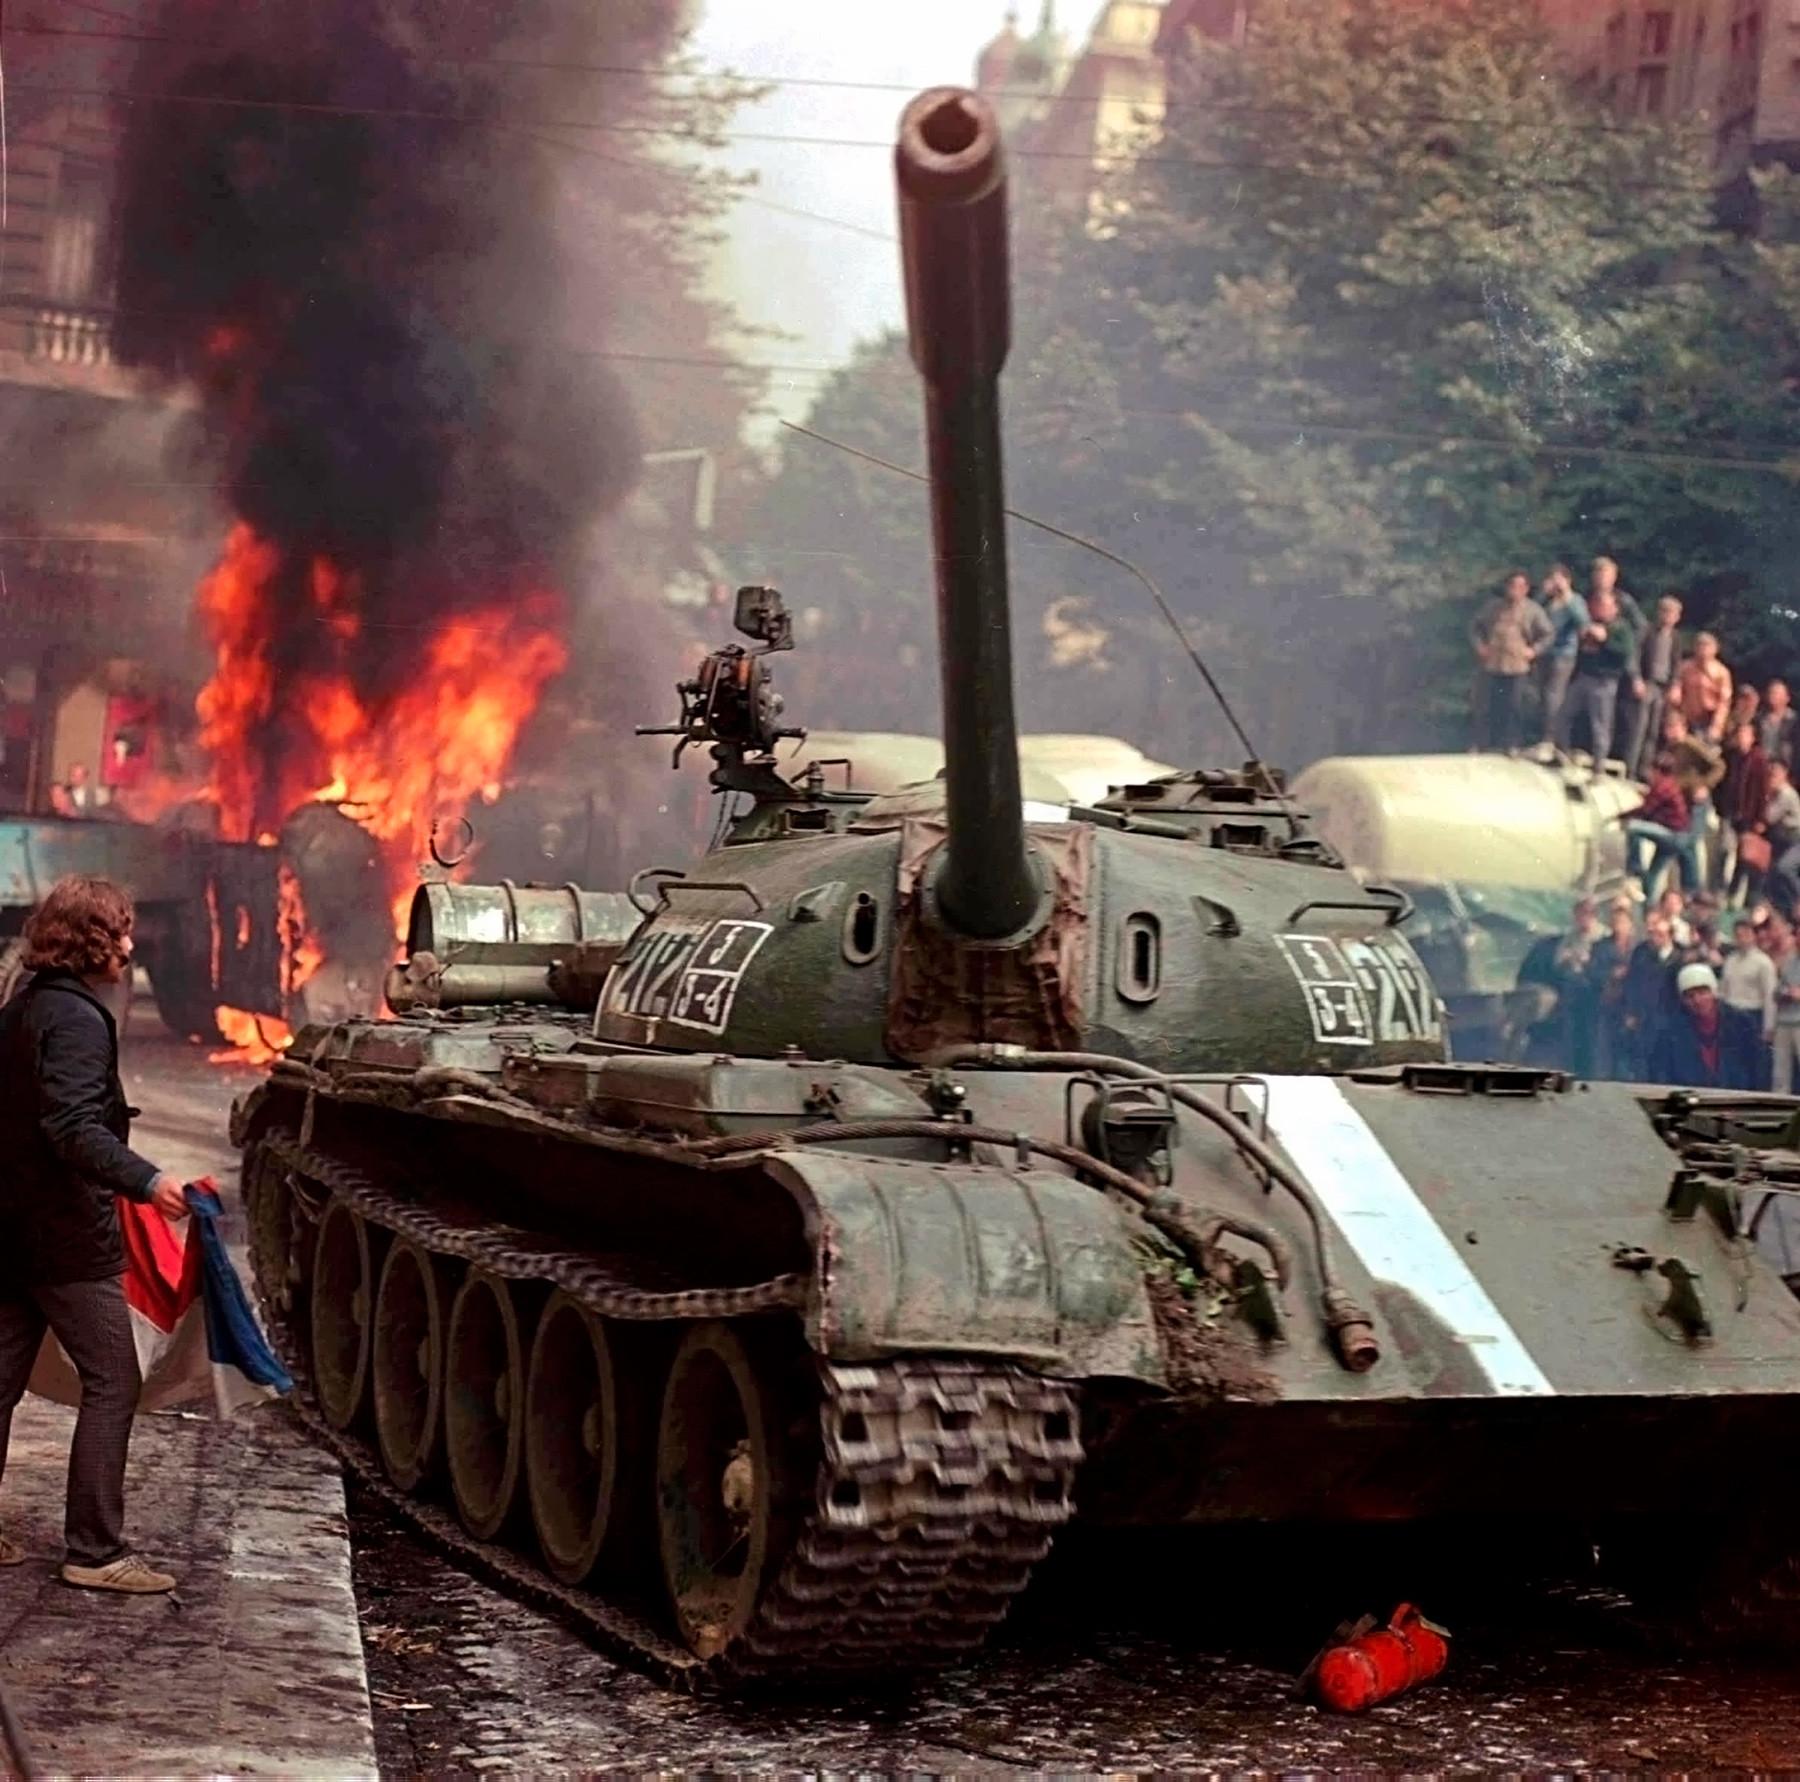 Sovjetski tank prebija barikado pri češkoslovaškem nacionalnem radiu v Pragi, avgust 1968